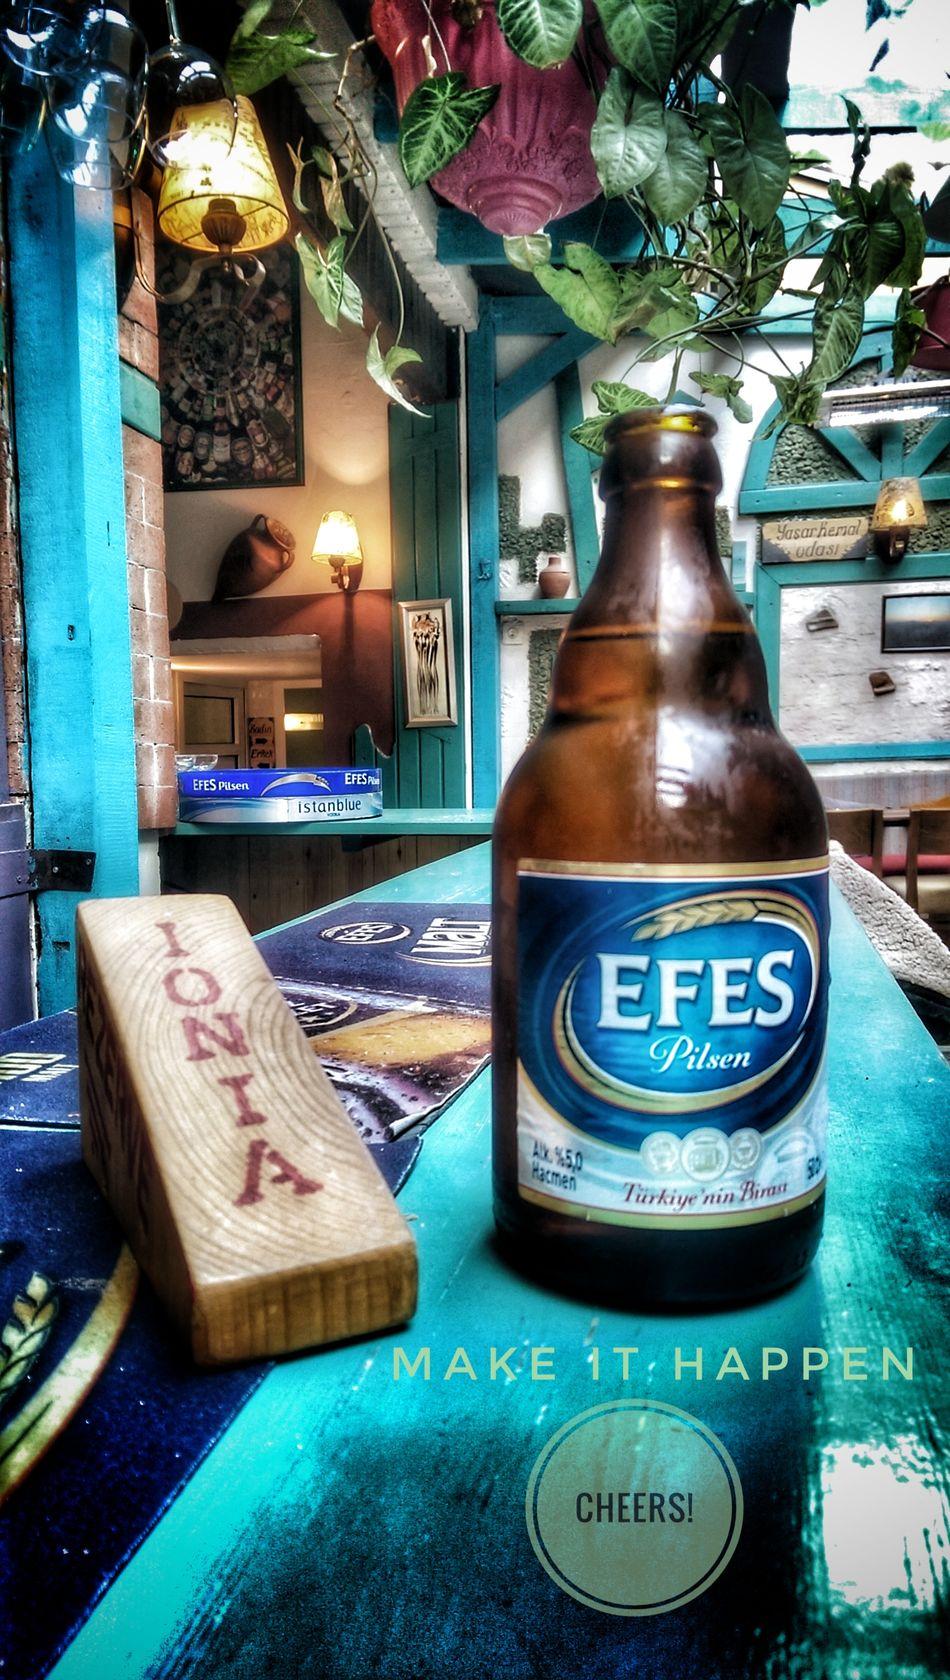 No People Freshness Nature Day Drink Close-up Canyücelsokak Alsancak Food And Drink Alcohol Izmir Instagram FRK's Lounge Beer Indoors  Efes Pilsen🍺